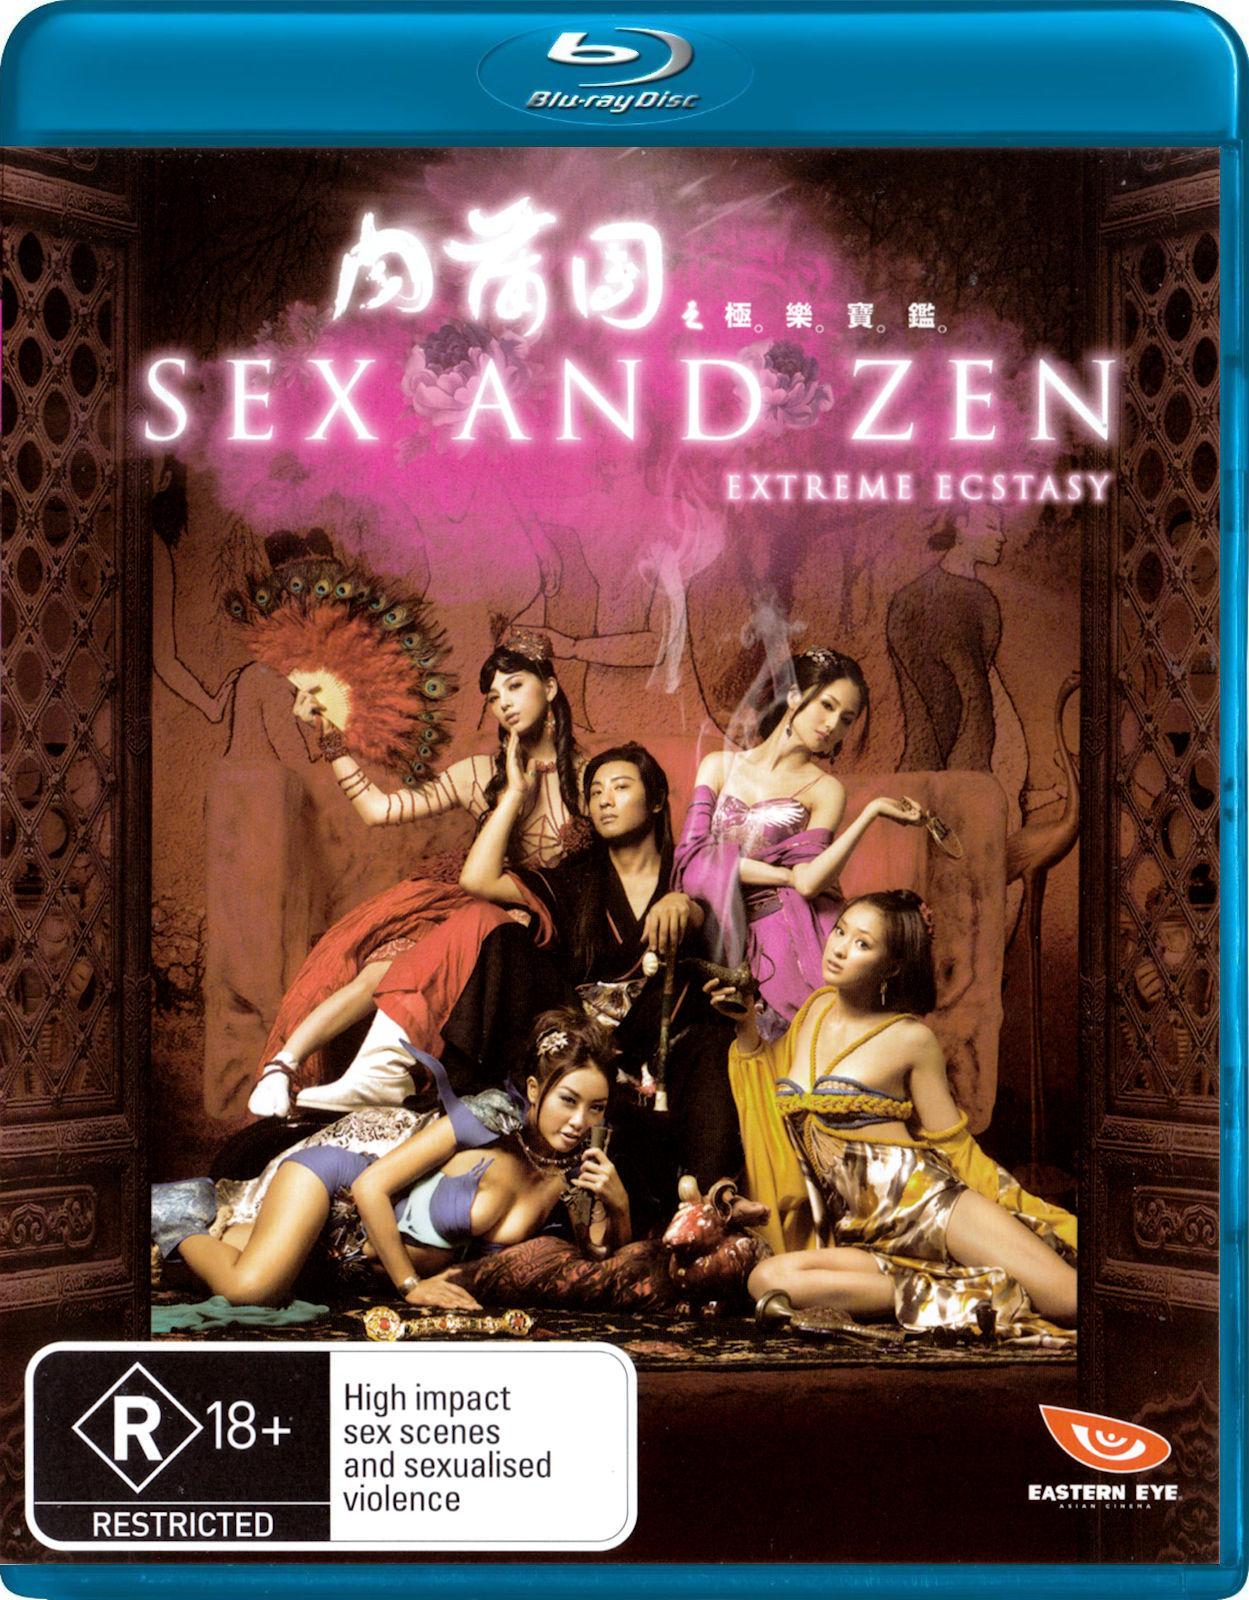 Sex and Zen 3D: Extreme Ecstasy - CinéLounge